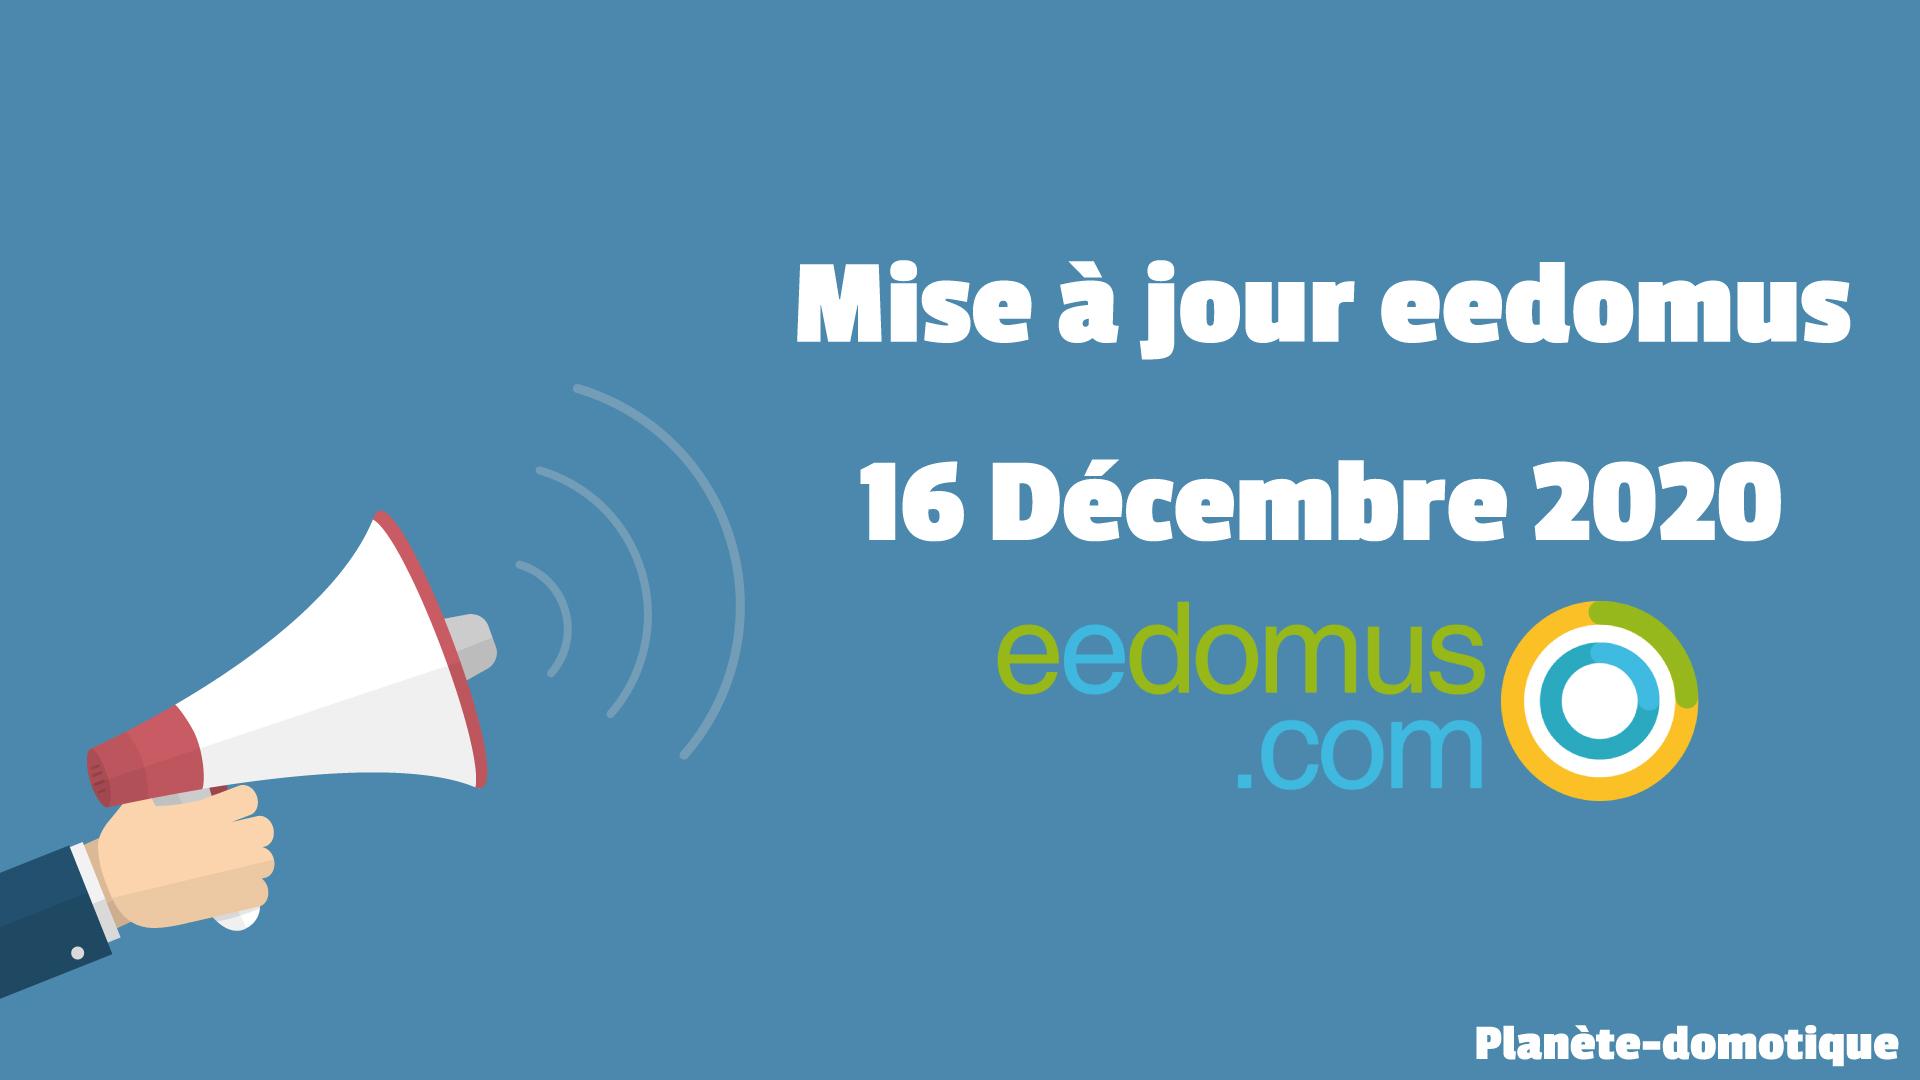 Mise à jour eedomus du Mercredi 16 décembre 2020 : AirSend & Zigbee